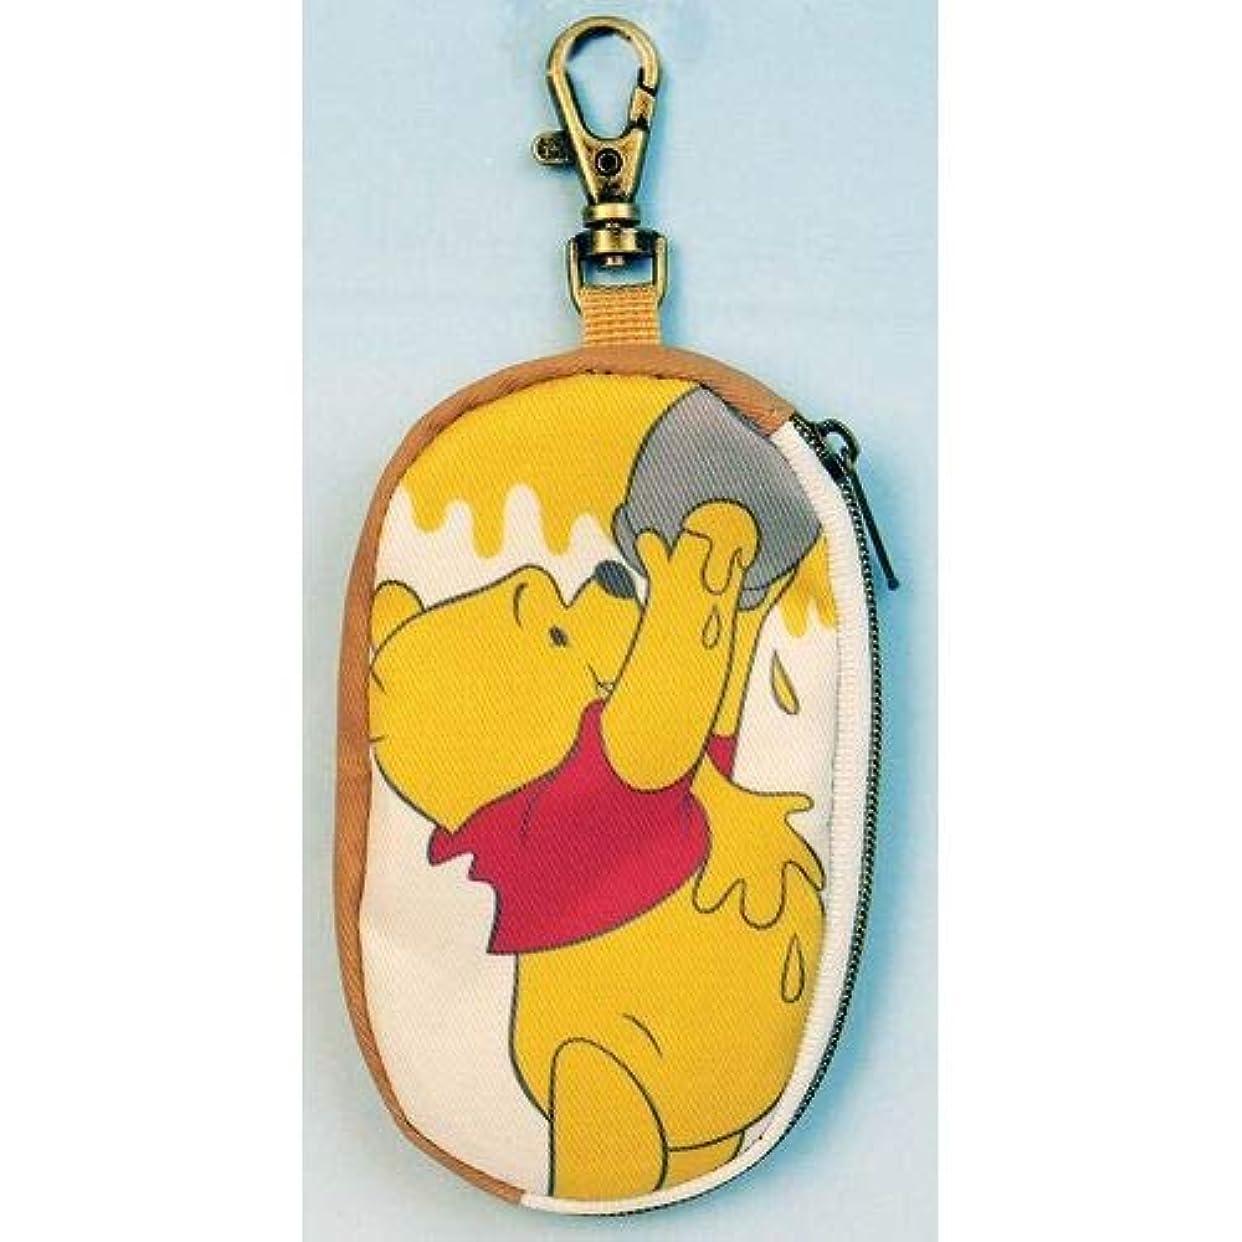 花嫁急襲夜明けナカジマコーポレーション(Nakajimacorp) DISNEY スマートキーケース プー ハチミツ 15cm Winnie the Pooh 133922-19